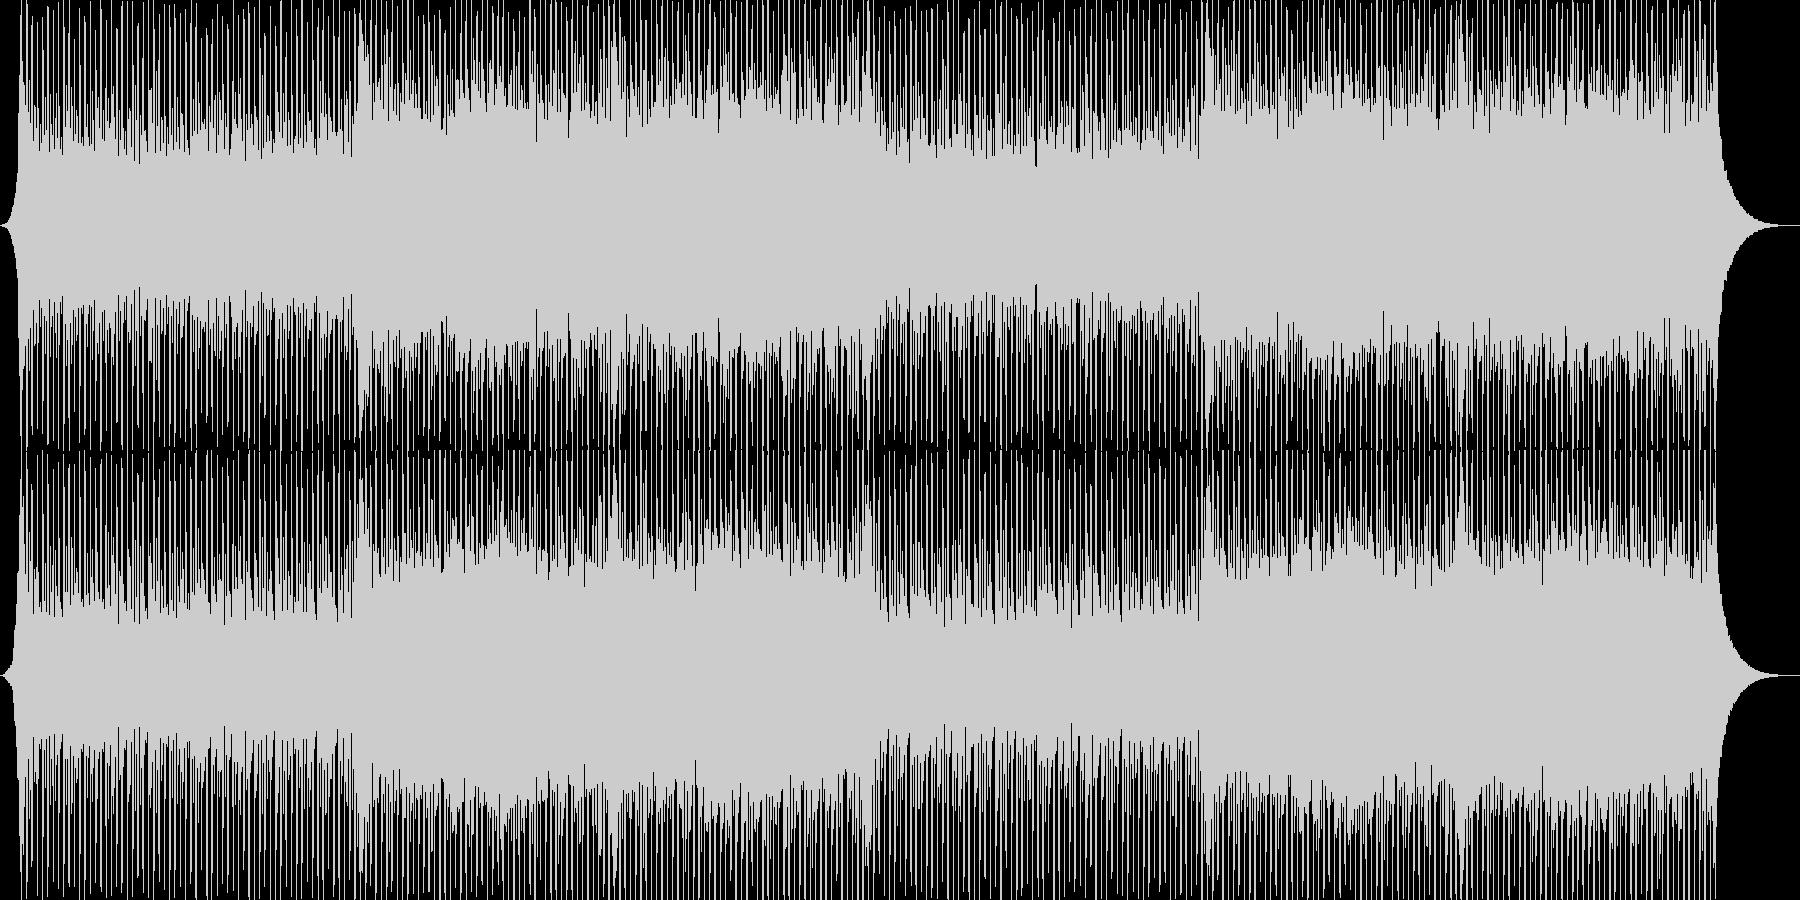 企業VP系32、爽やかギター4つ打ち10の未再生の波形